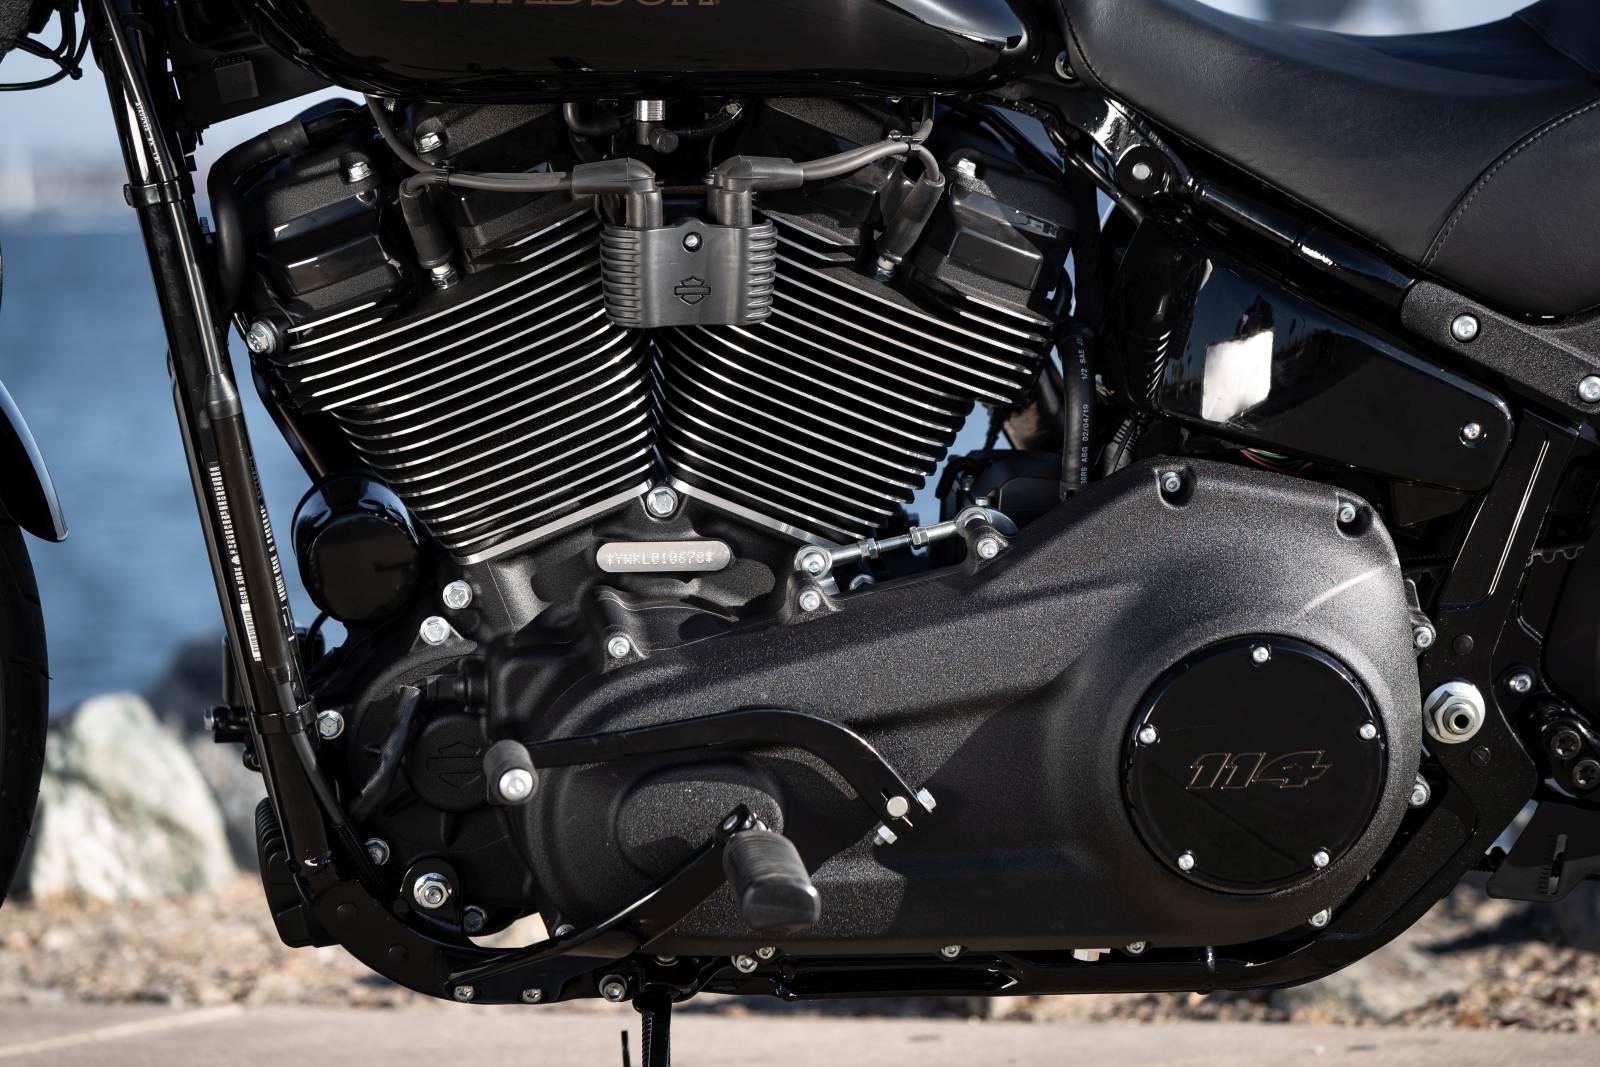 Harley Davidson Low Rider S 2020 - recenzja, opinie, info o motocyklu - silnik